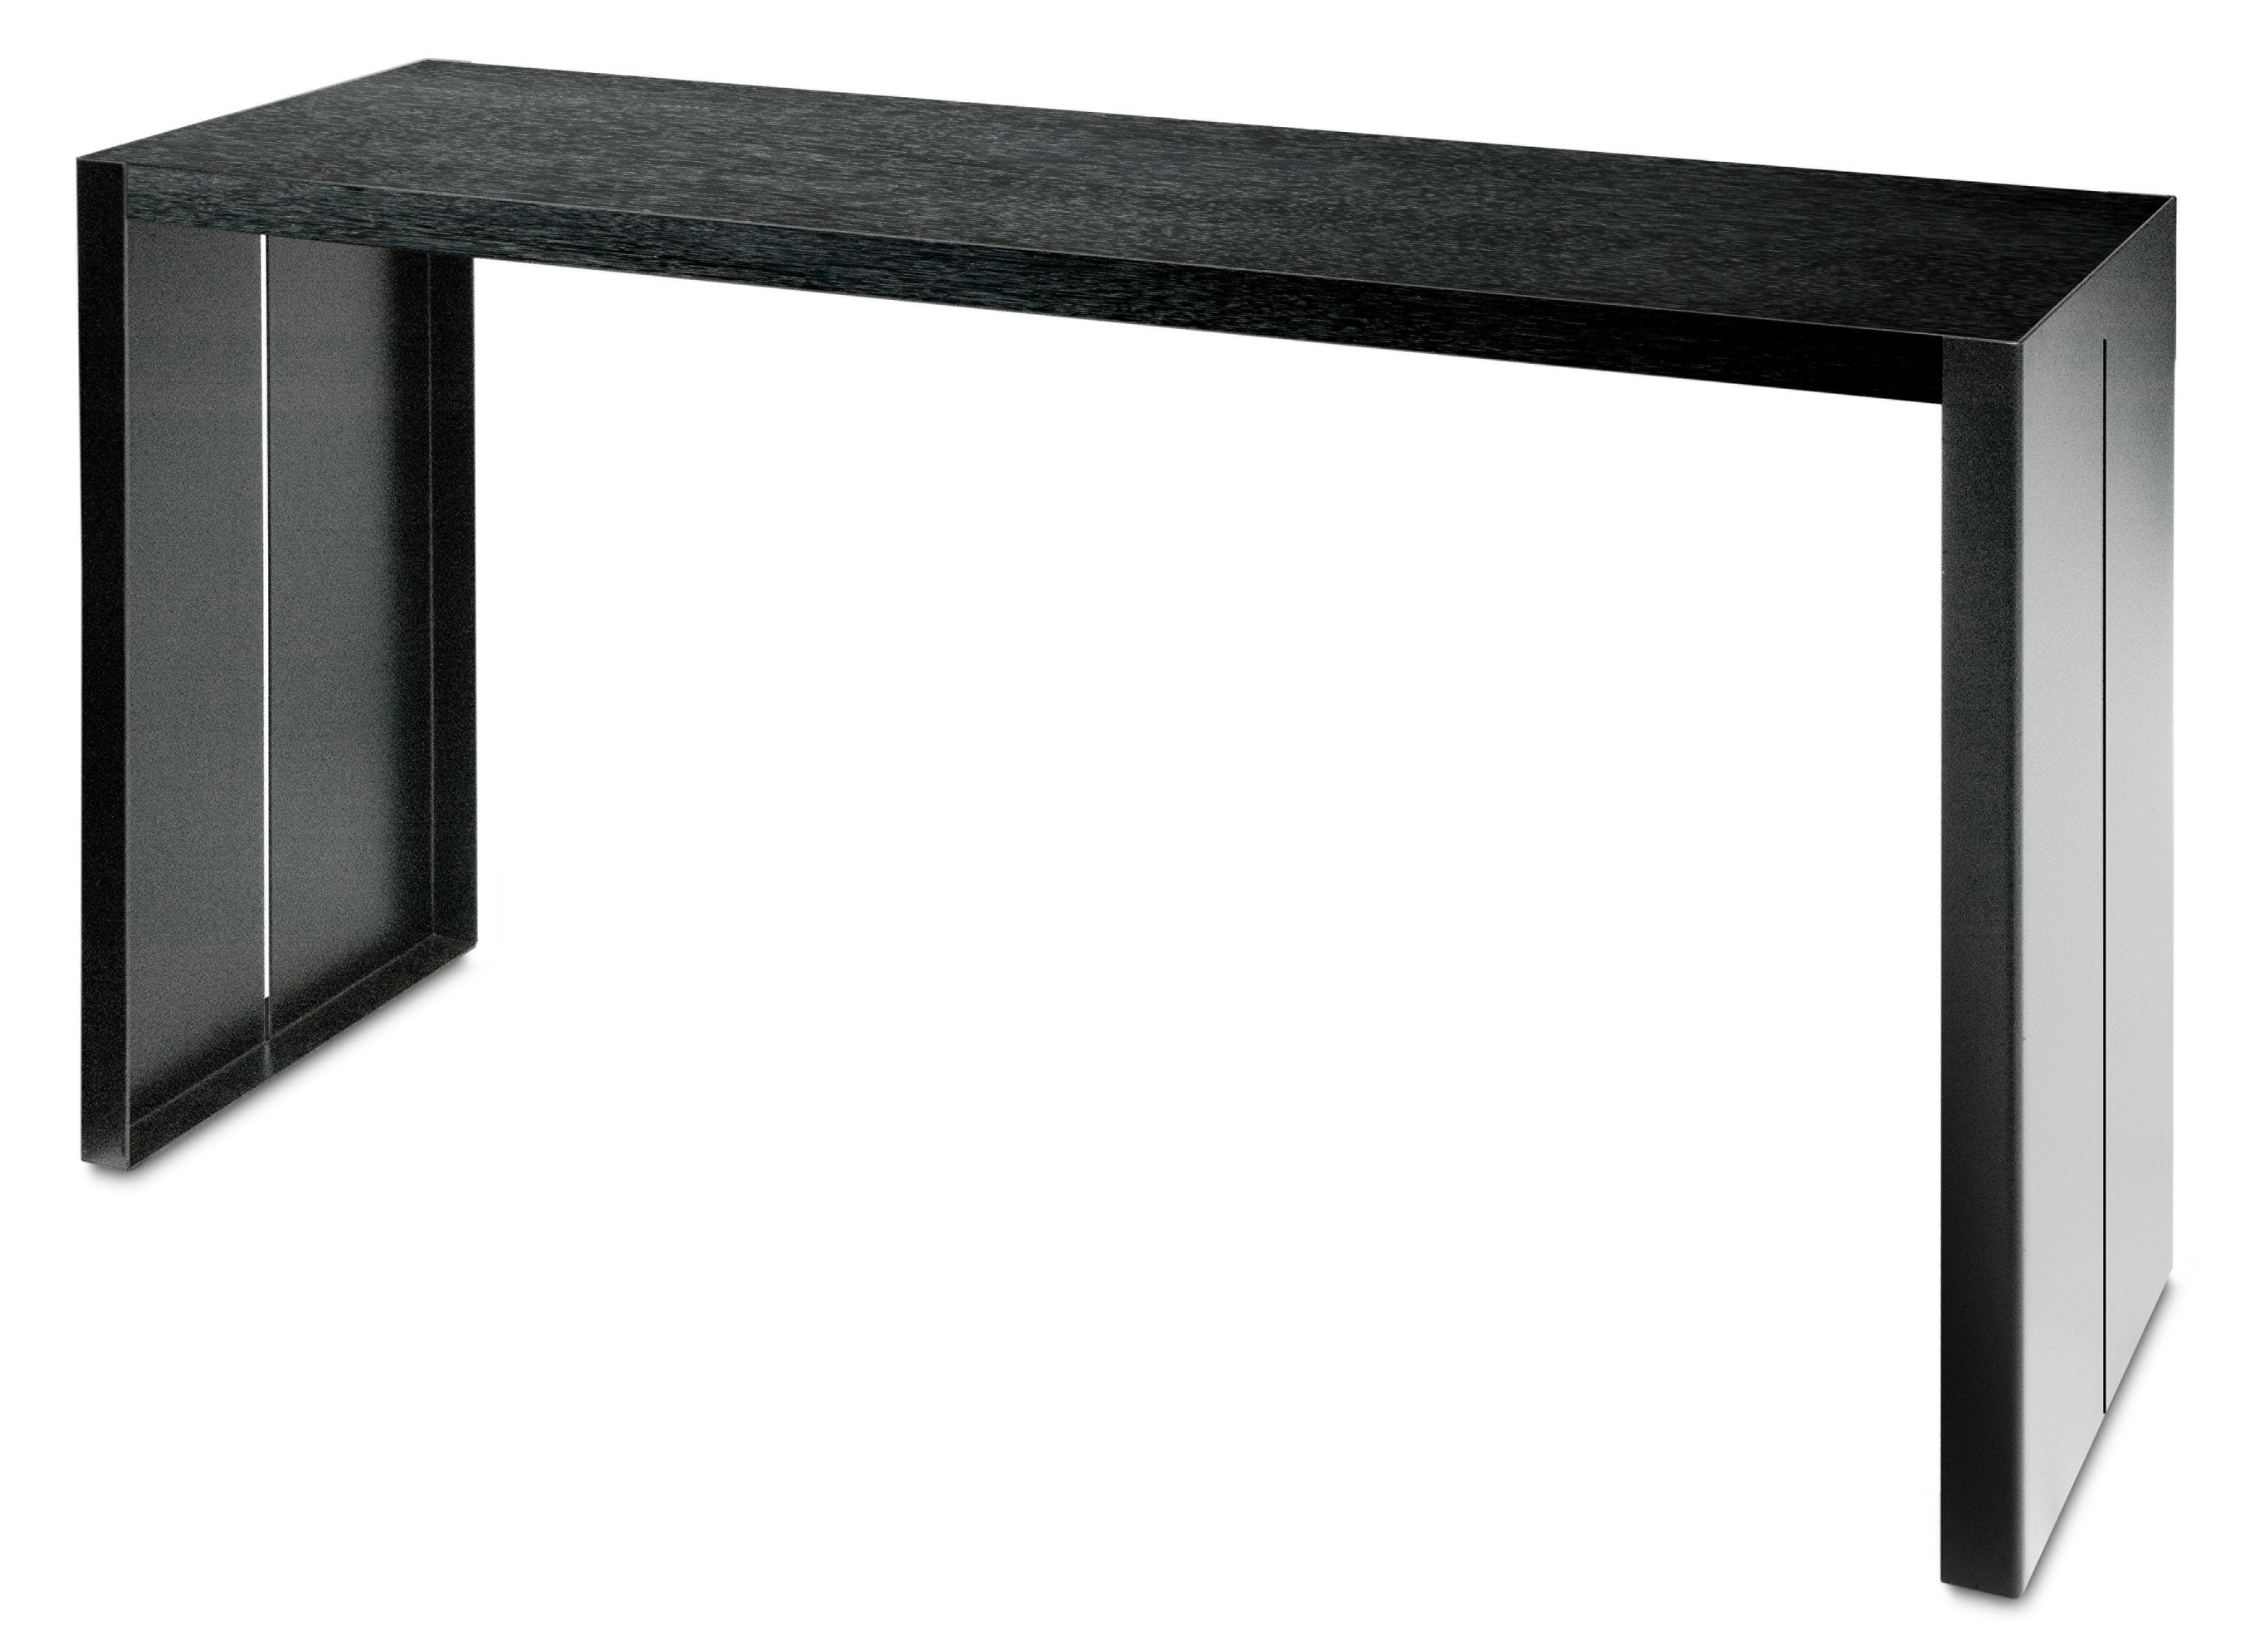 Scopri tavolo alto panco h 110 cm nero l 180 cm di la for Tavoli alti design